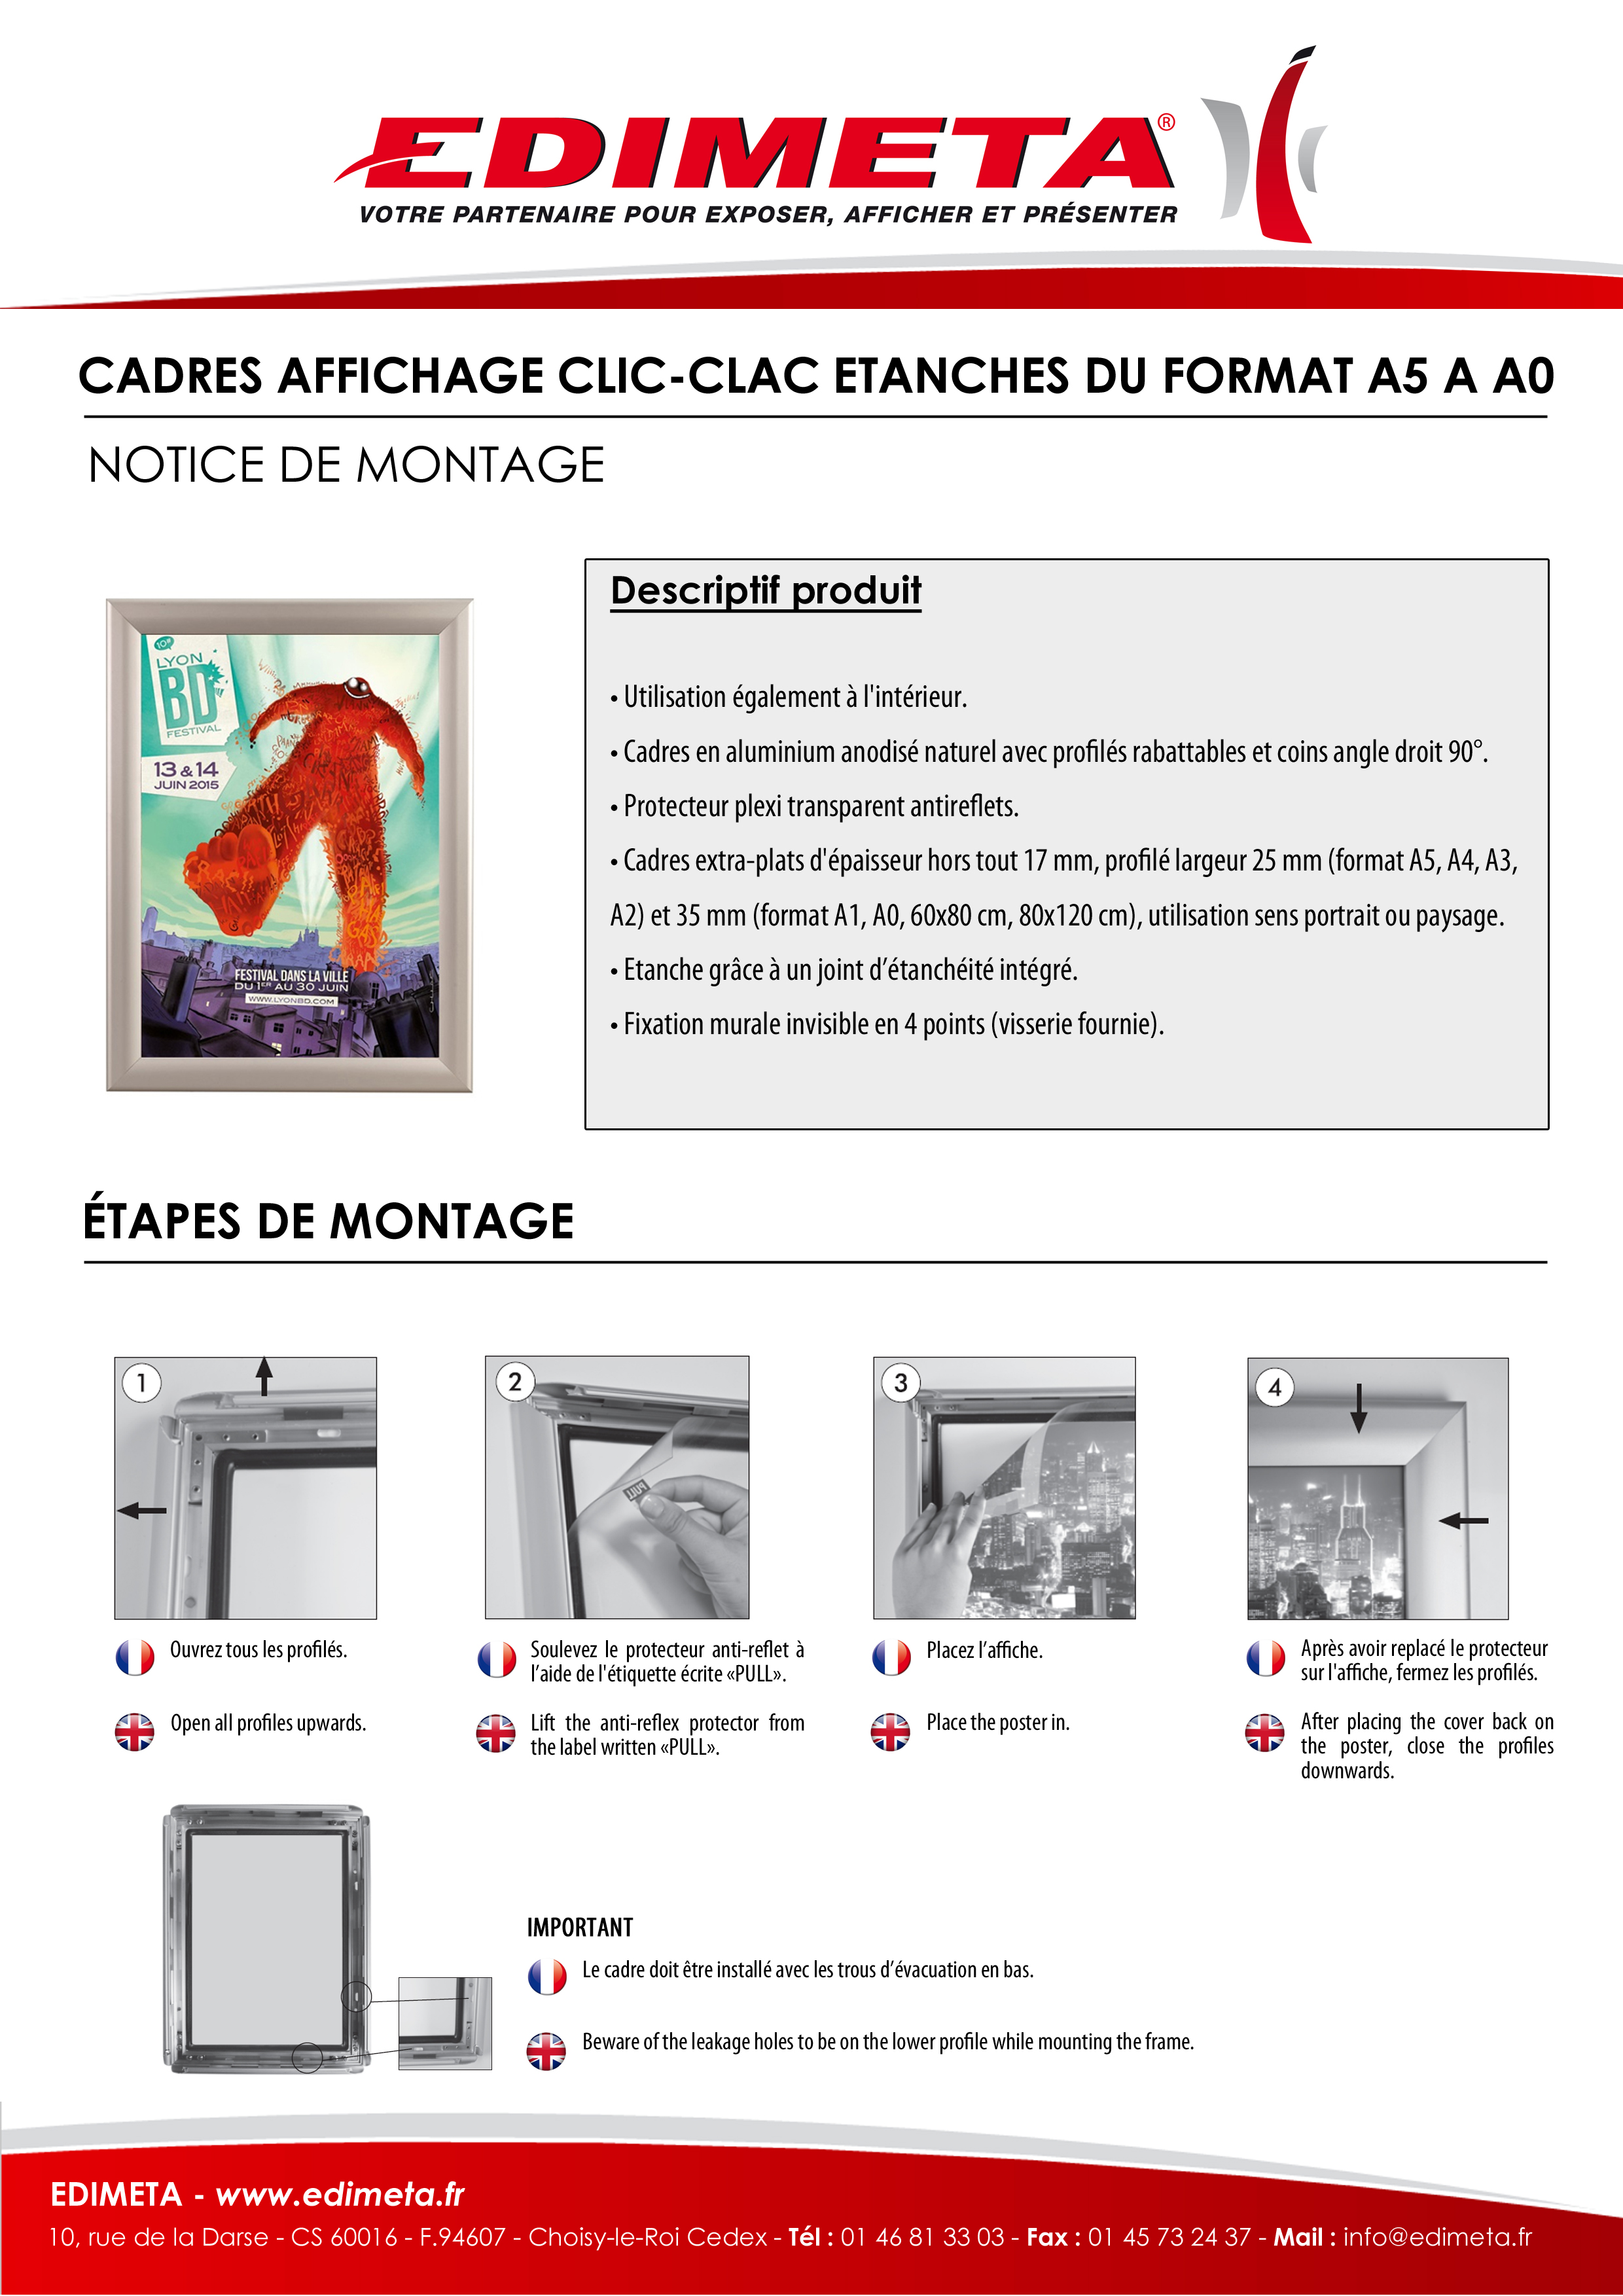 NOTICE DE MONTAGE : CADRES AFFICHAGE CLIC-CLAC ETANCHES DU FORMAT A5 A A0